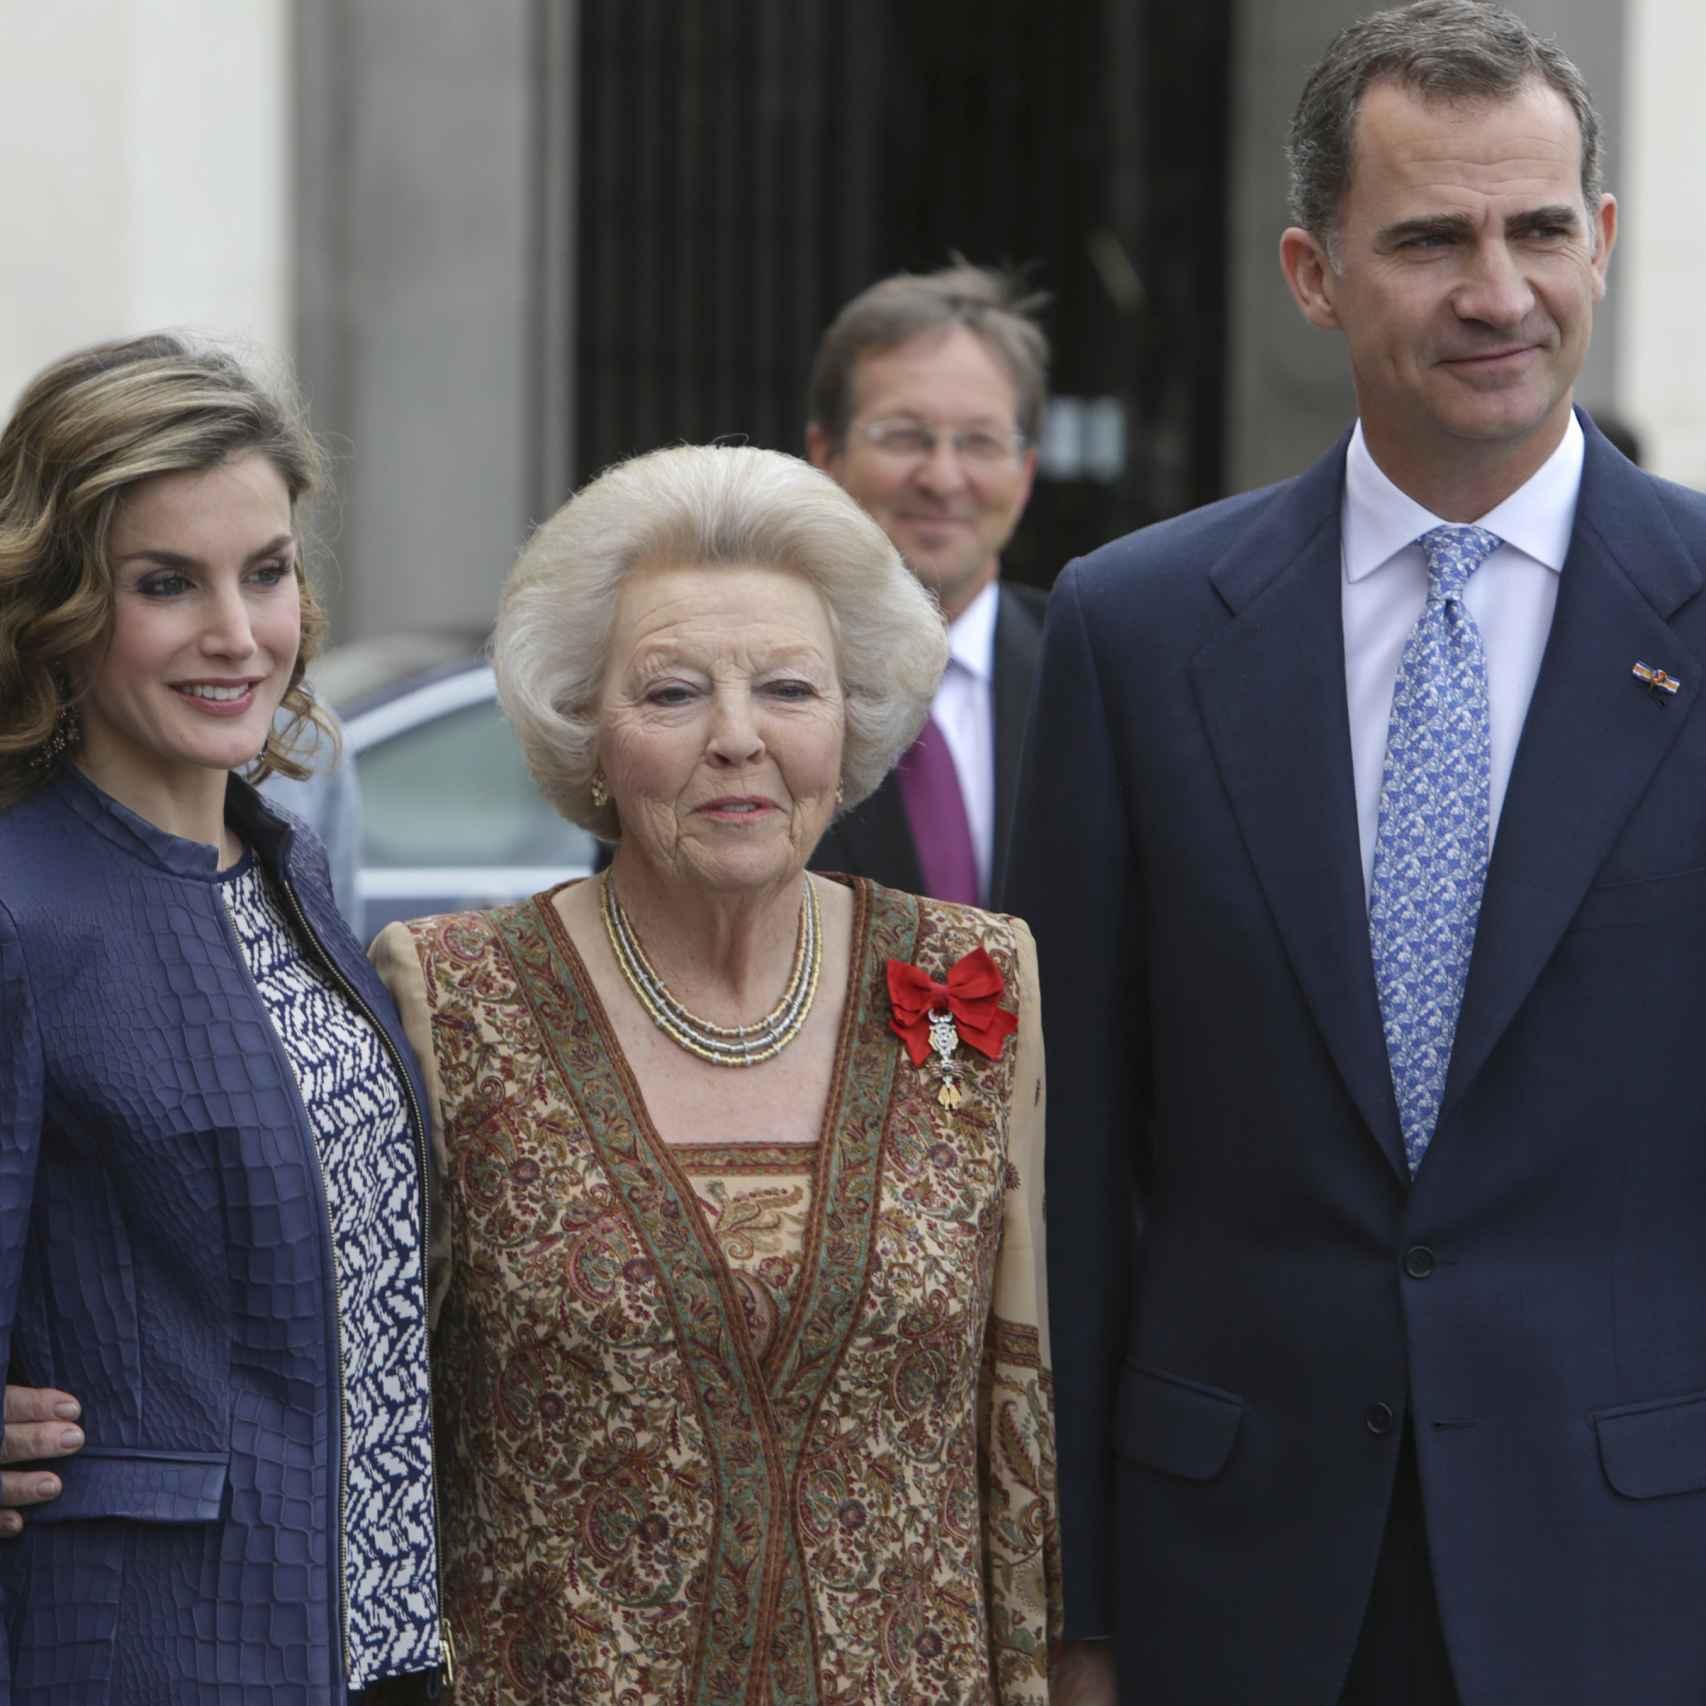 Los reyes Felipe y Letizia con la princesa Beatriz de Holanda